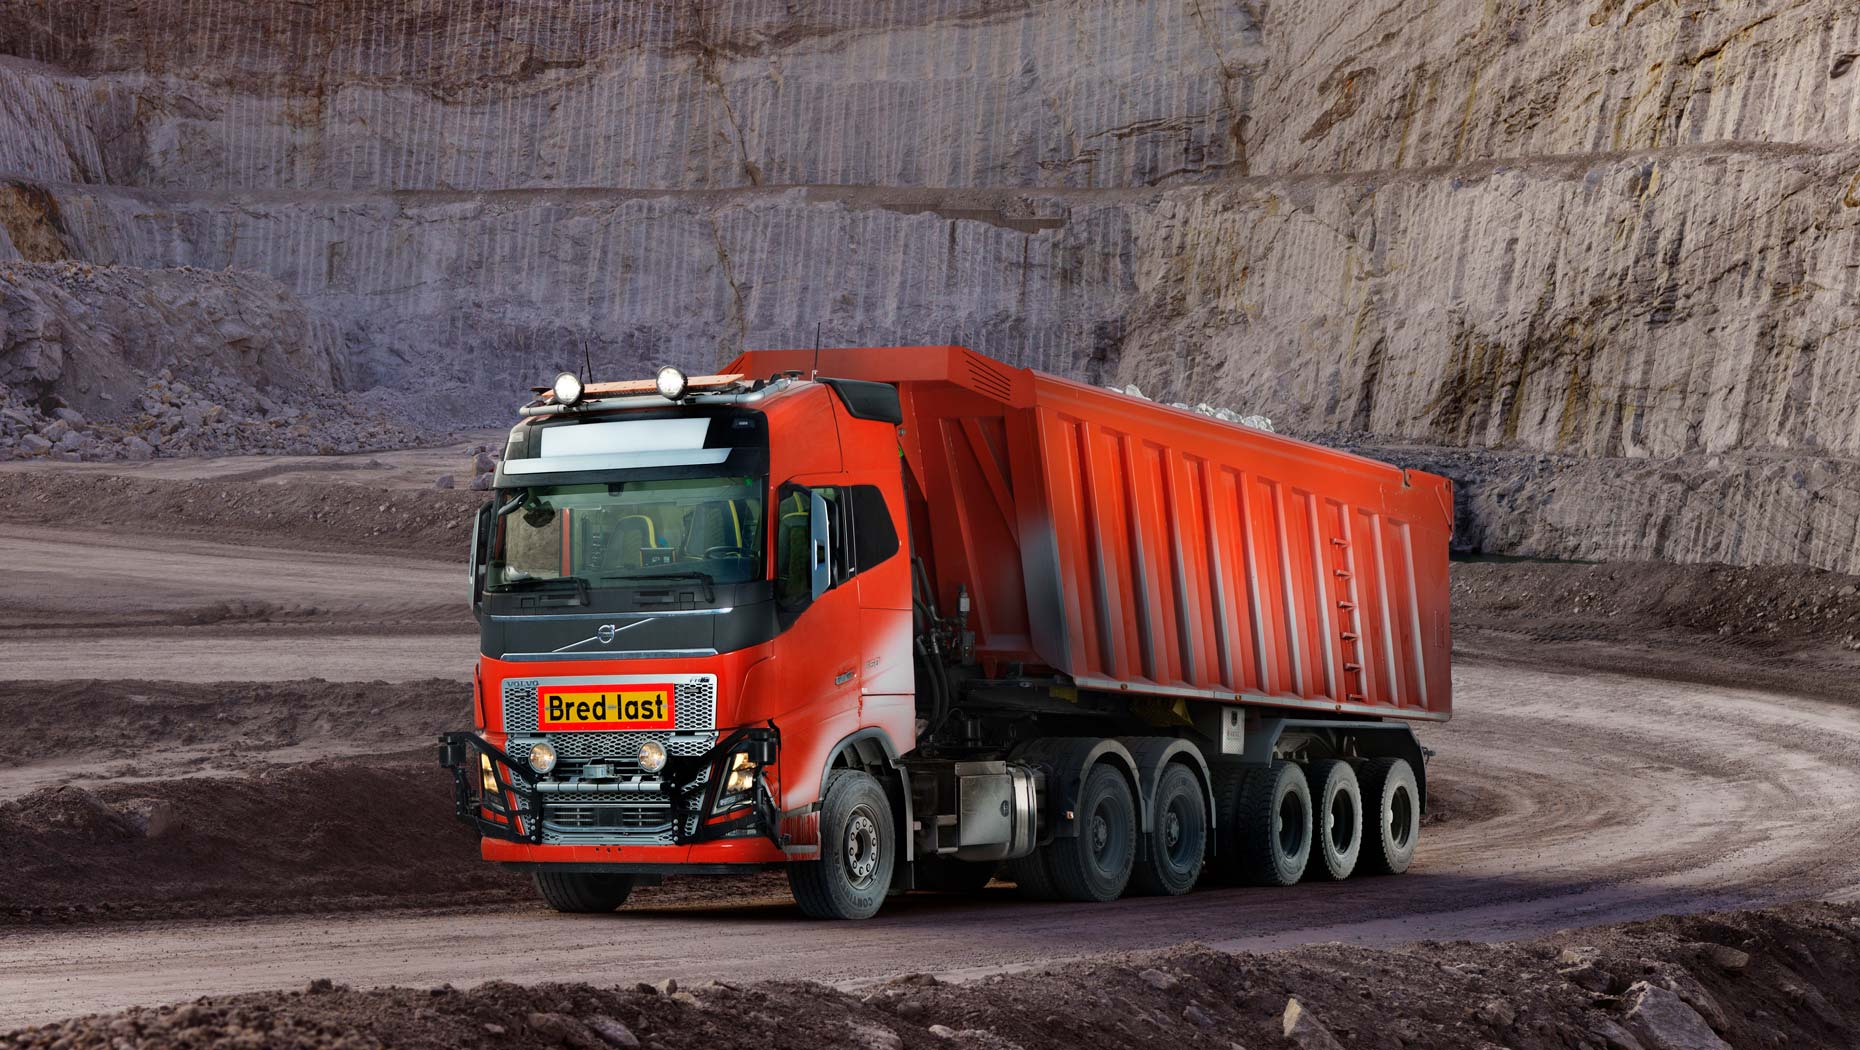 Used toyota trucks